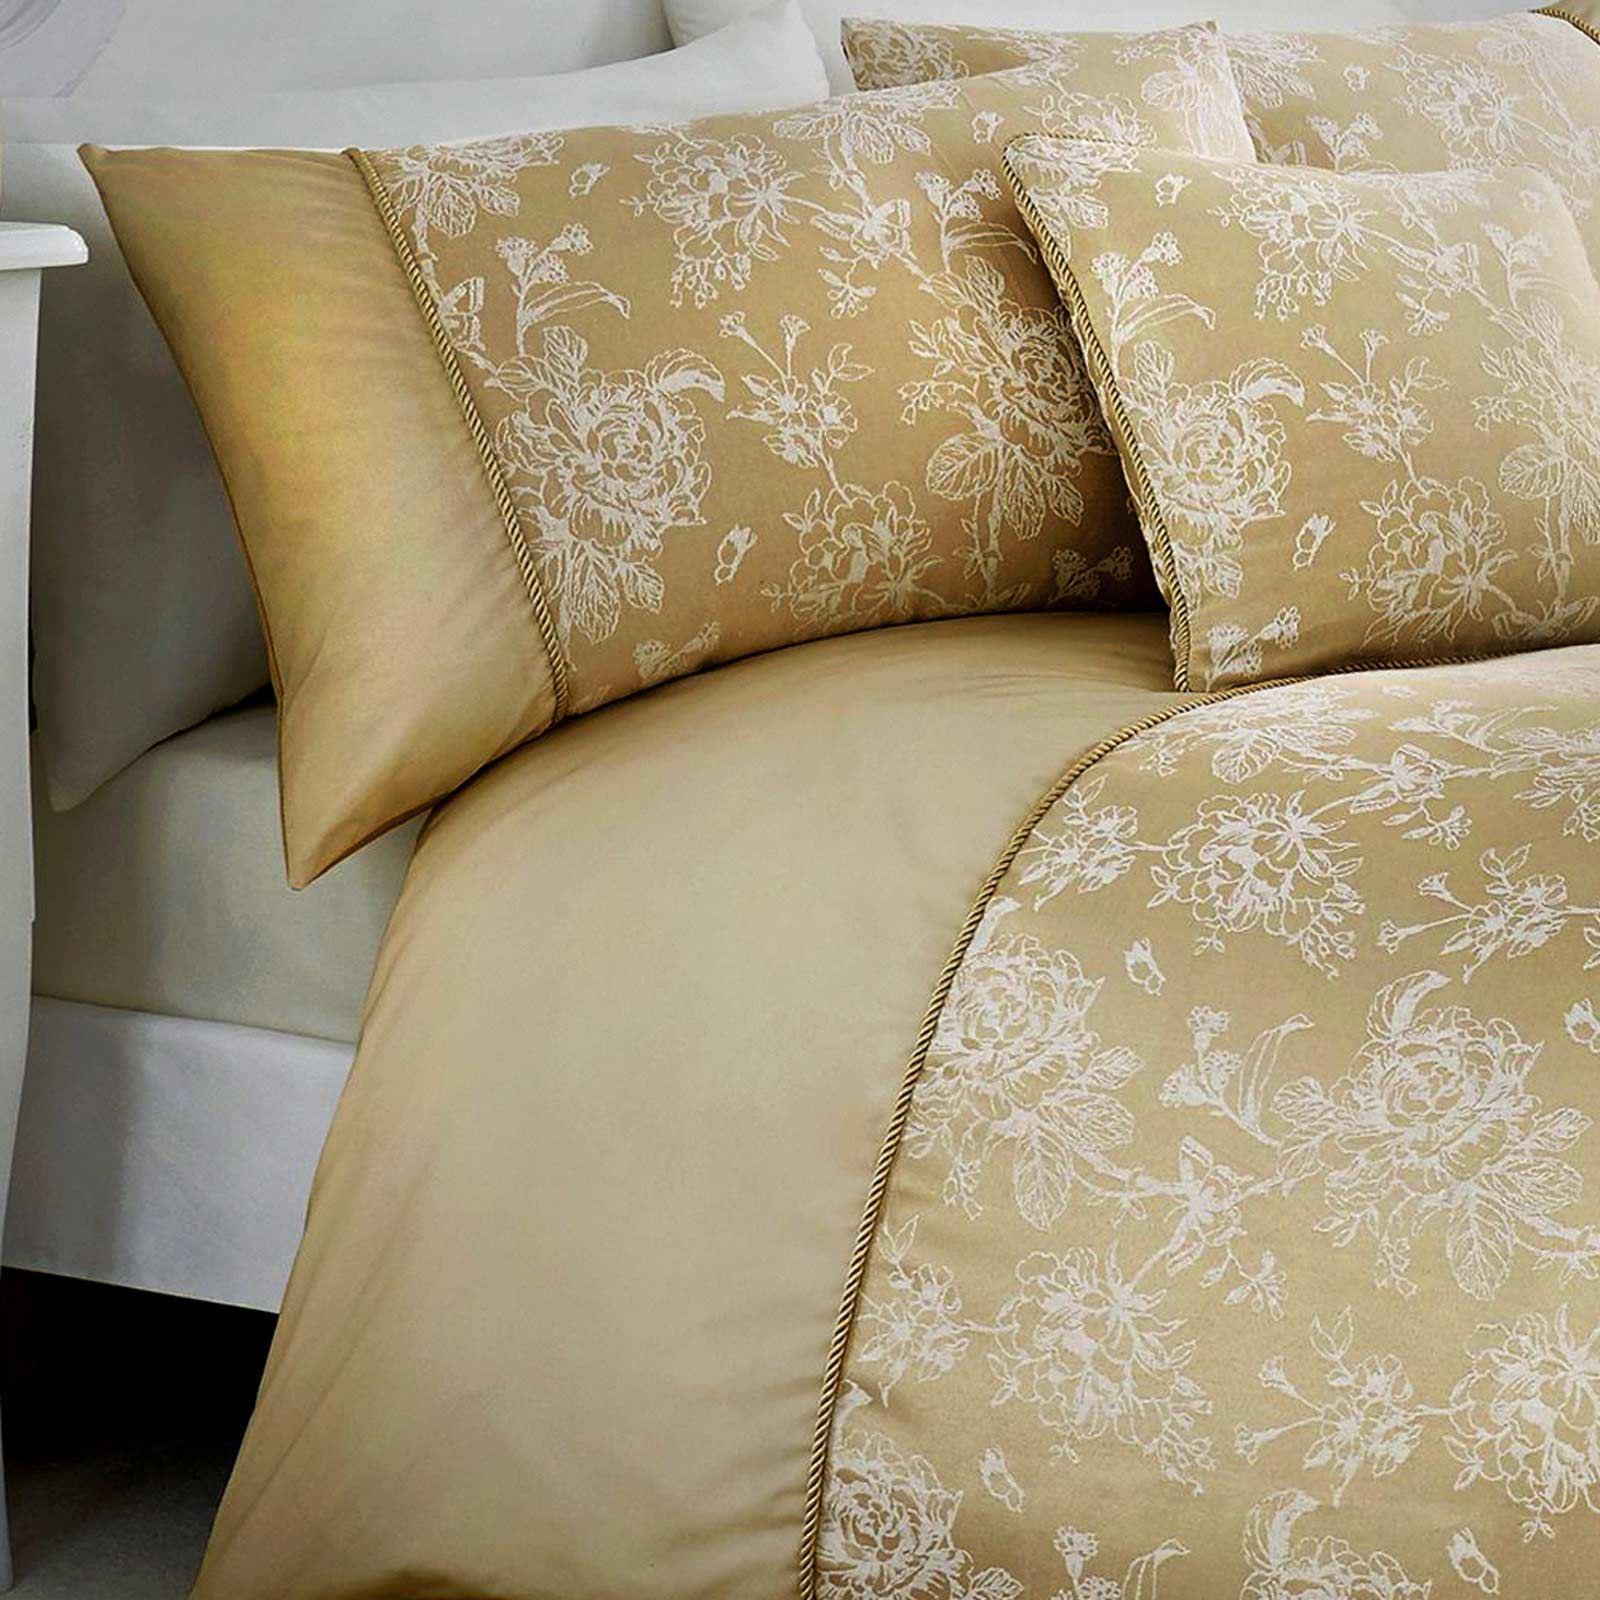 Oro-fundas-nordicas-Jasmine-floral-del-damasco-Edredon-Conjuntos-de-Lujo-Coleccion-de-ropa-de-cama miniatura 10